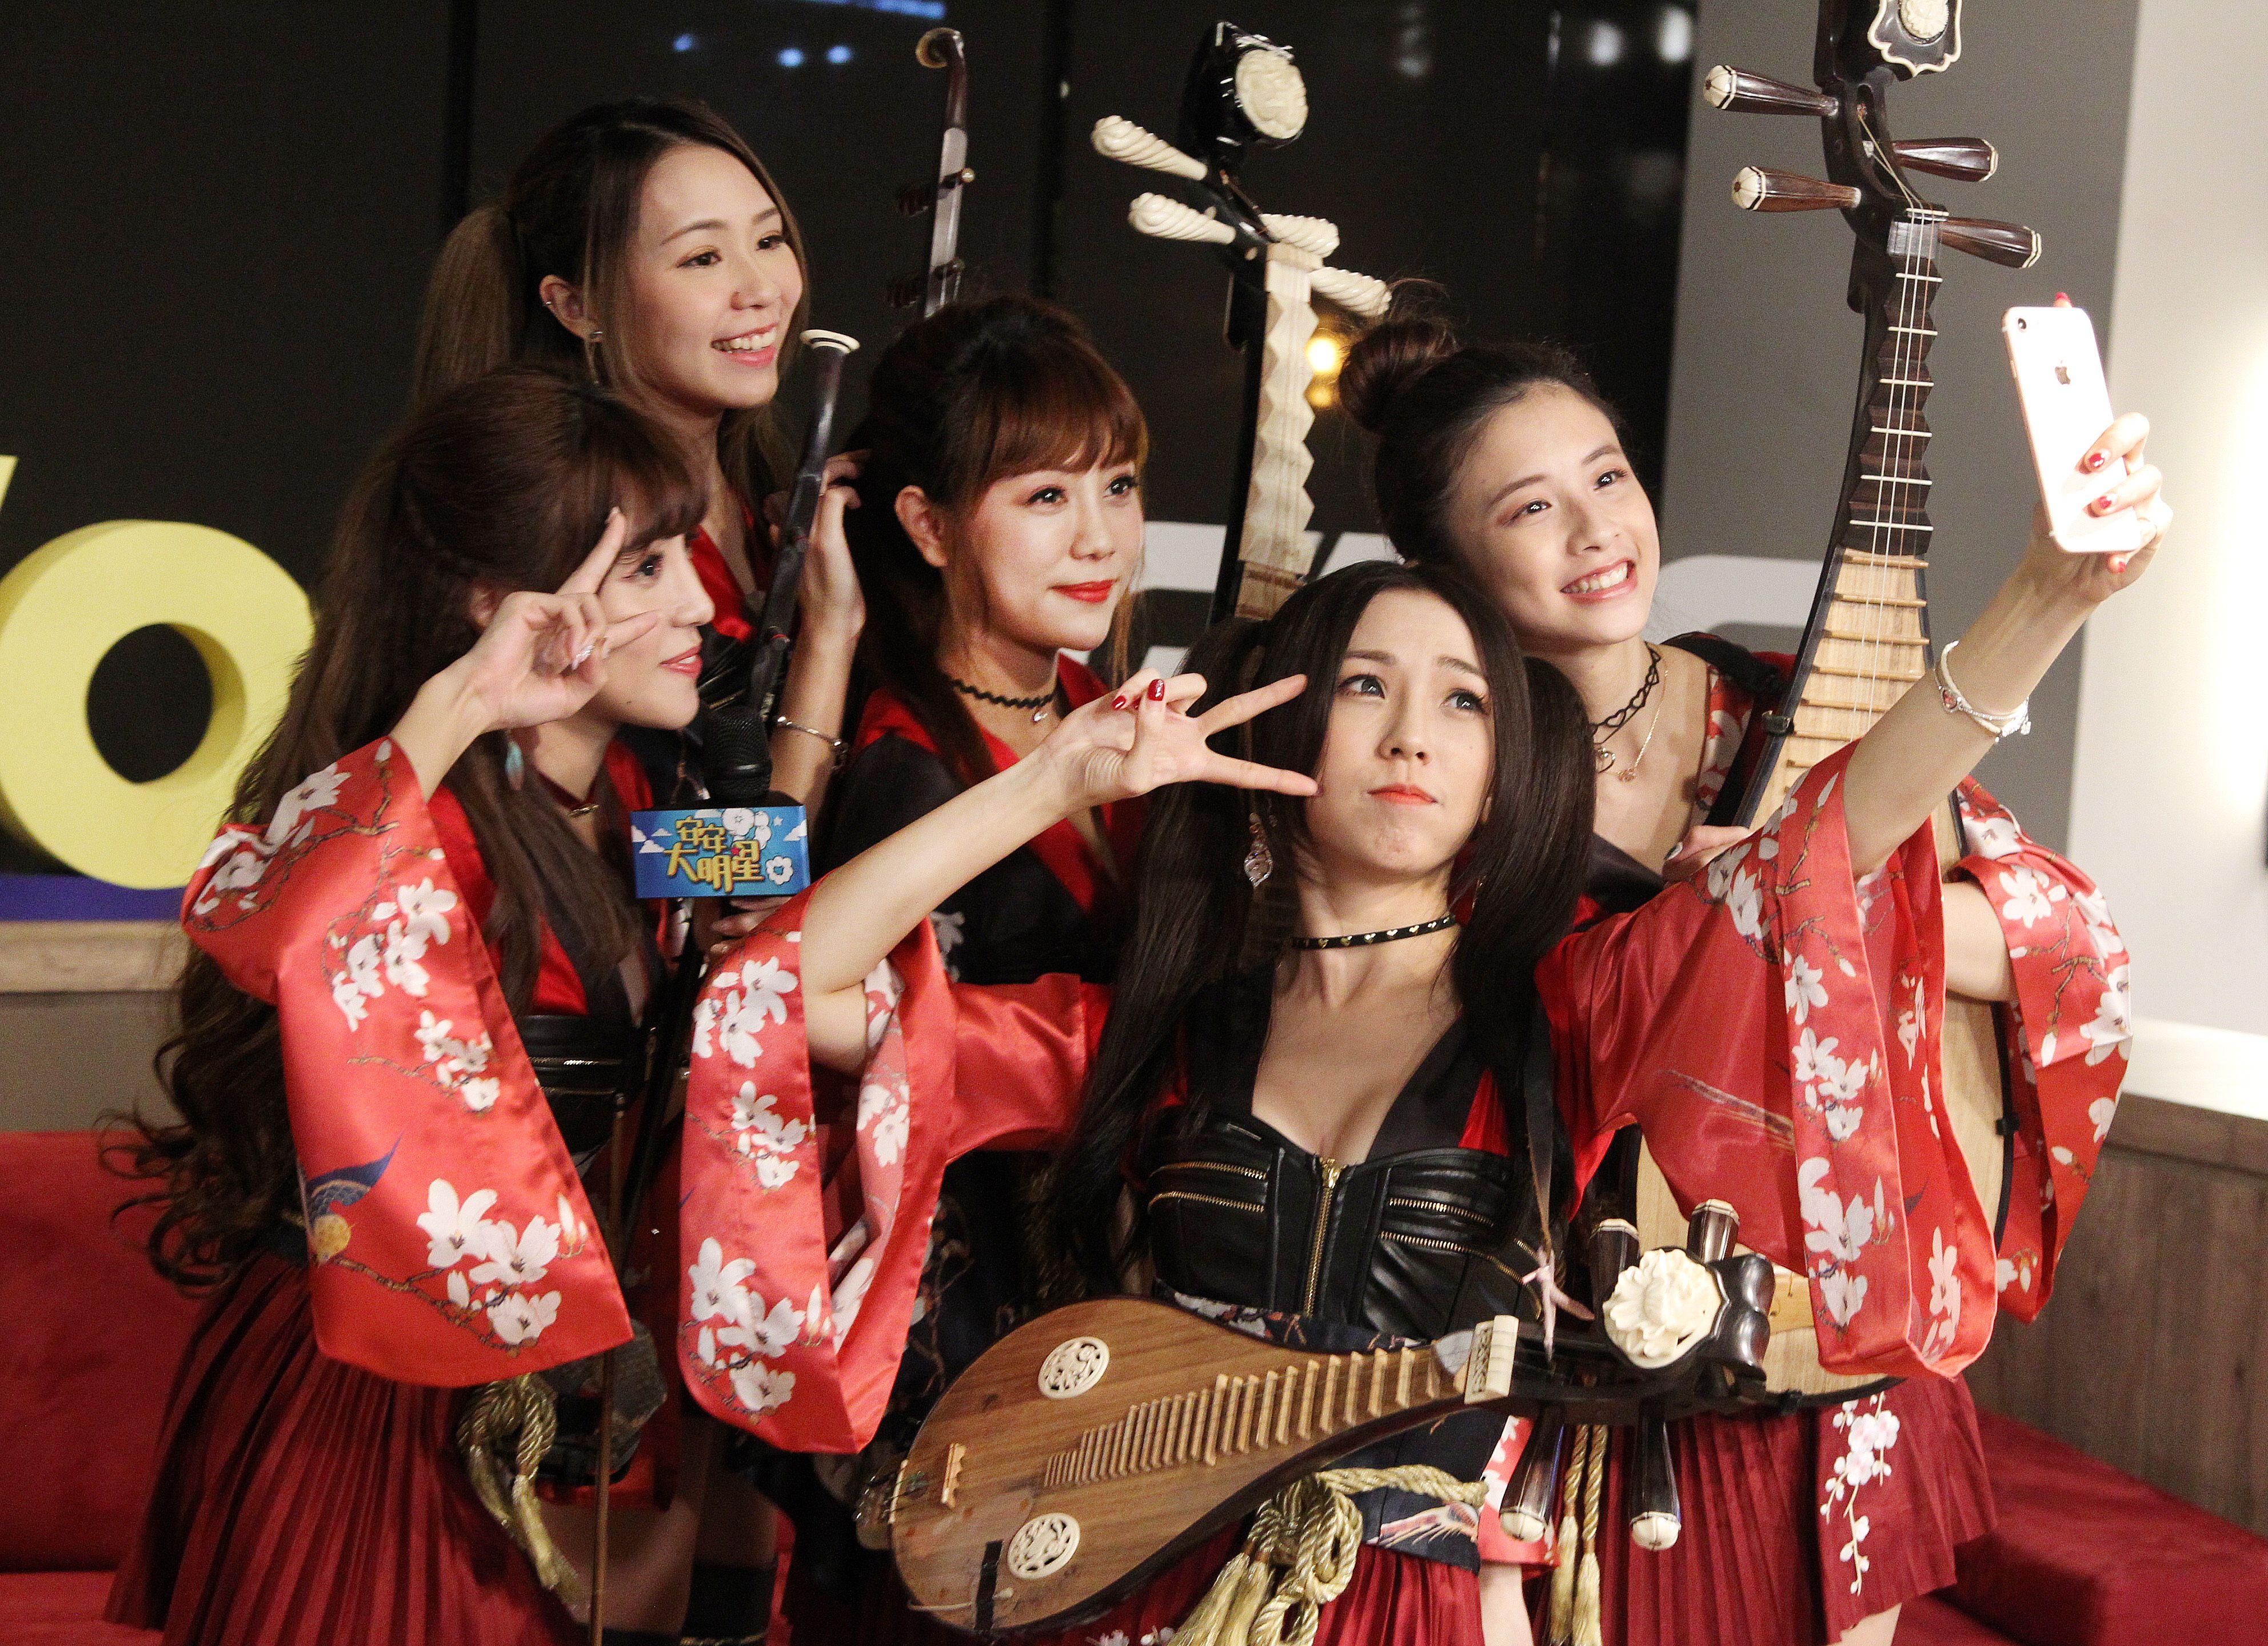 無双女子樂團上安安大明星直播。(記者邱榮吉/攝影)